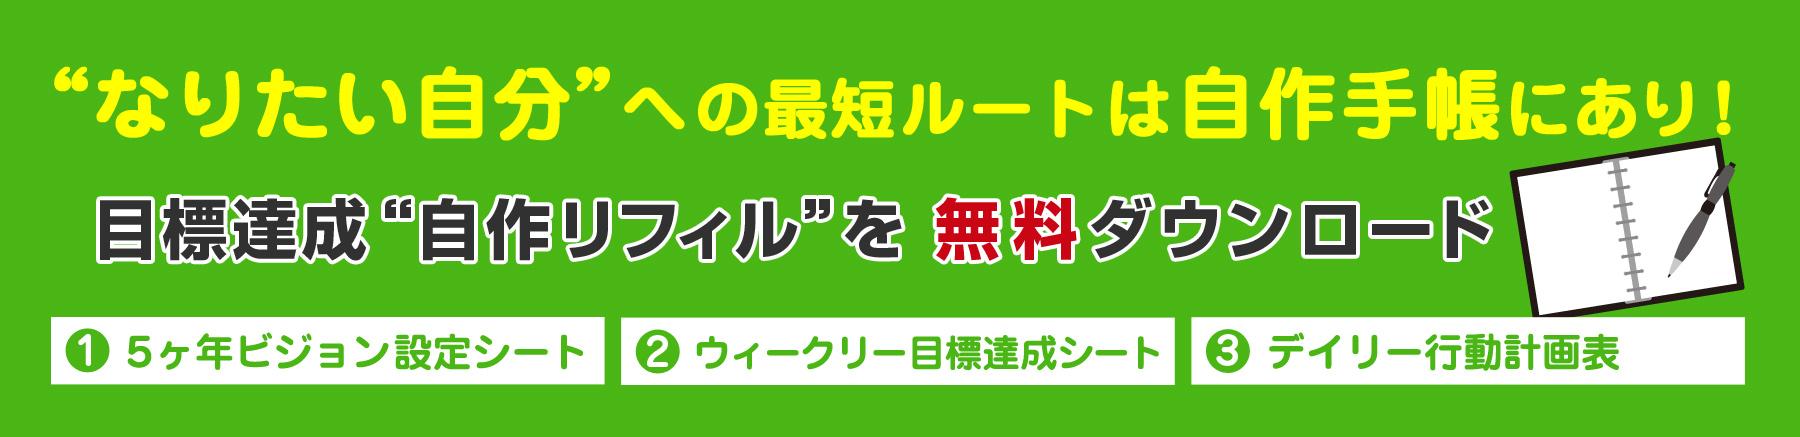 """目標達成""""自作リフィル""""を無料ダウンロード"""